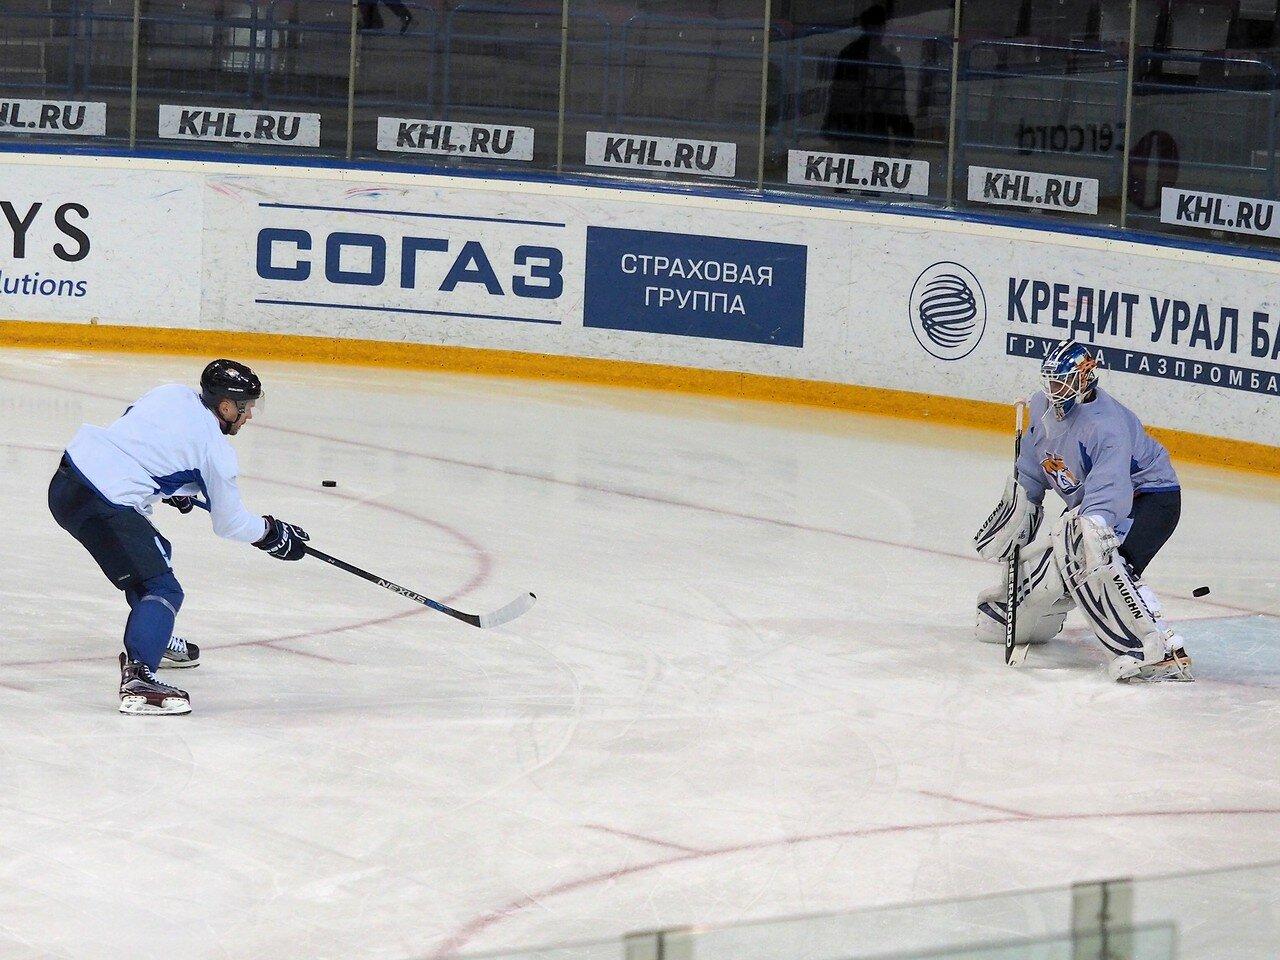 22 Открытая тренировка перед финалом плей-офф восточной конференции КХЛ 2017 22.03.2017